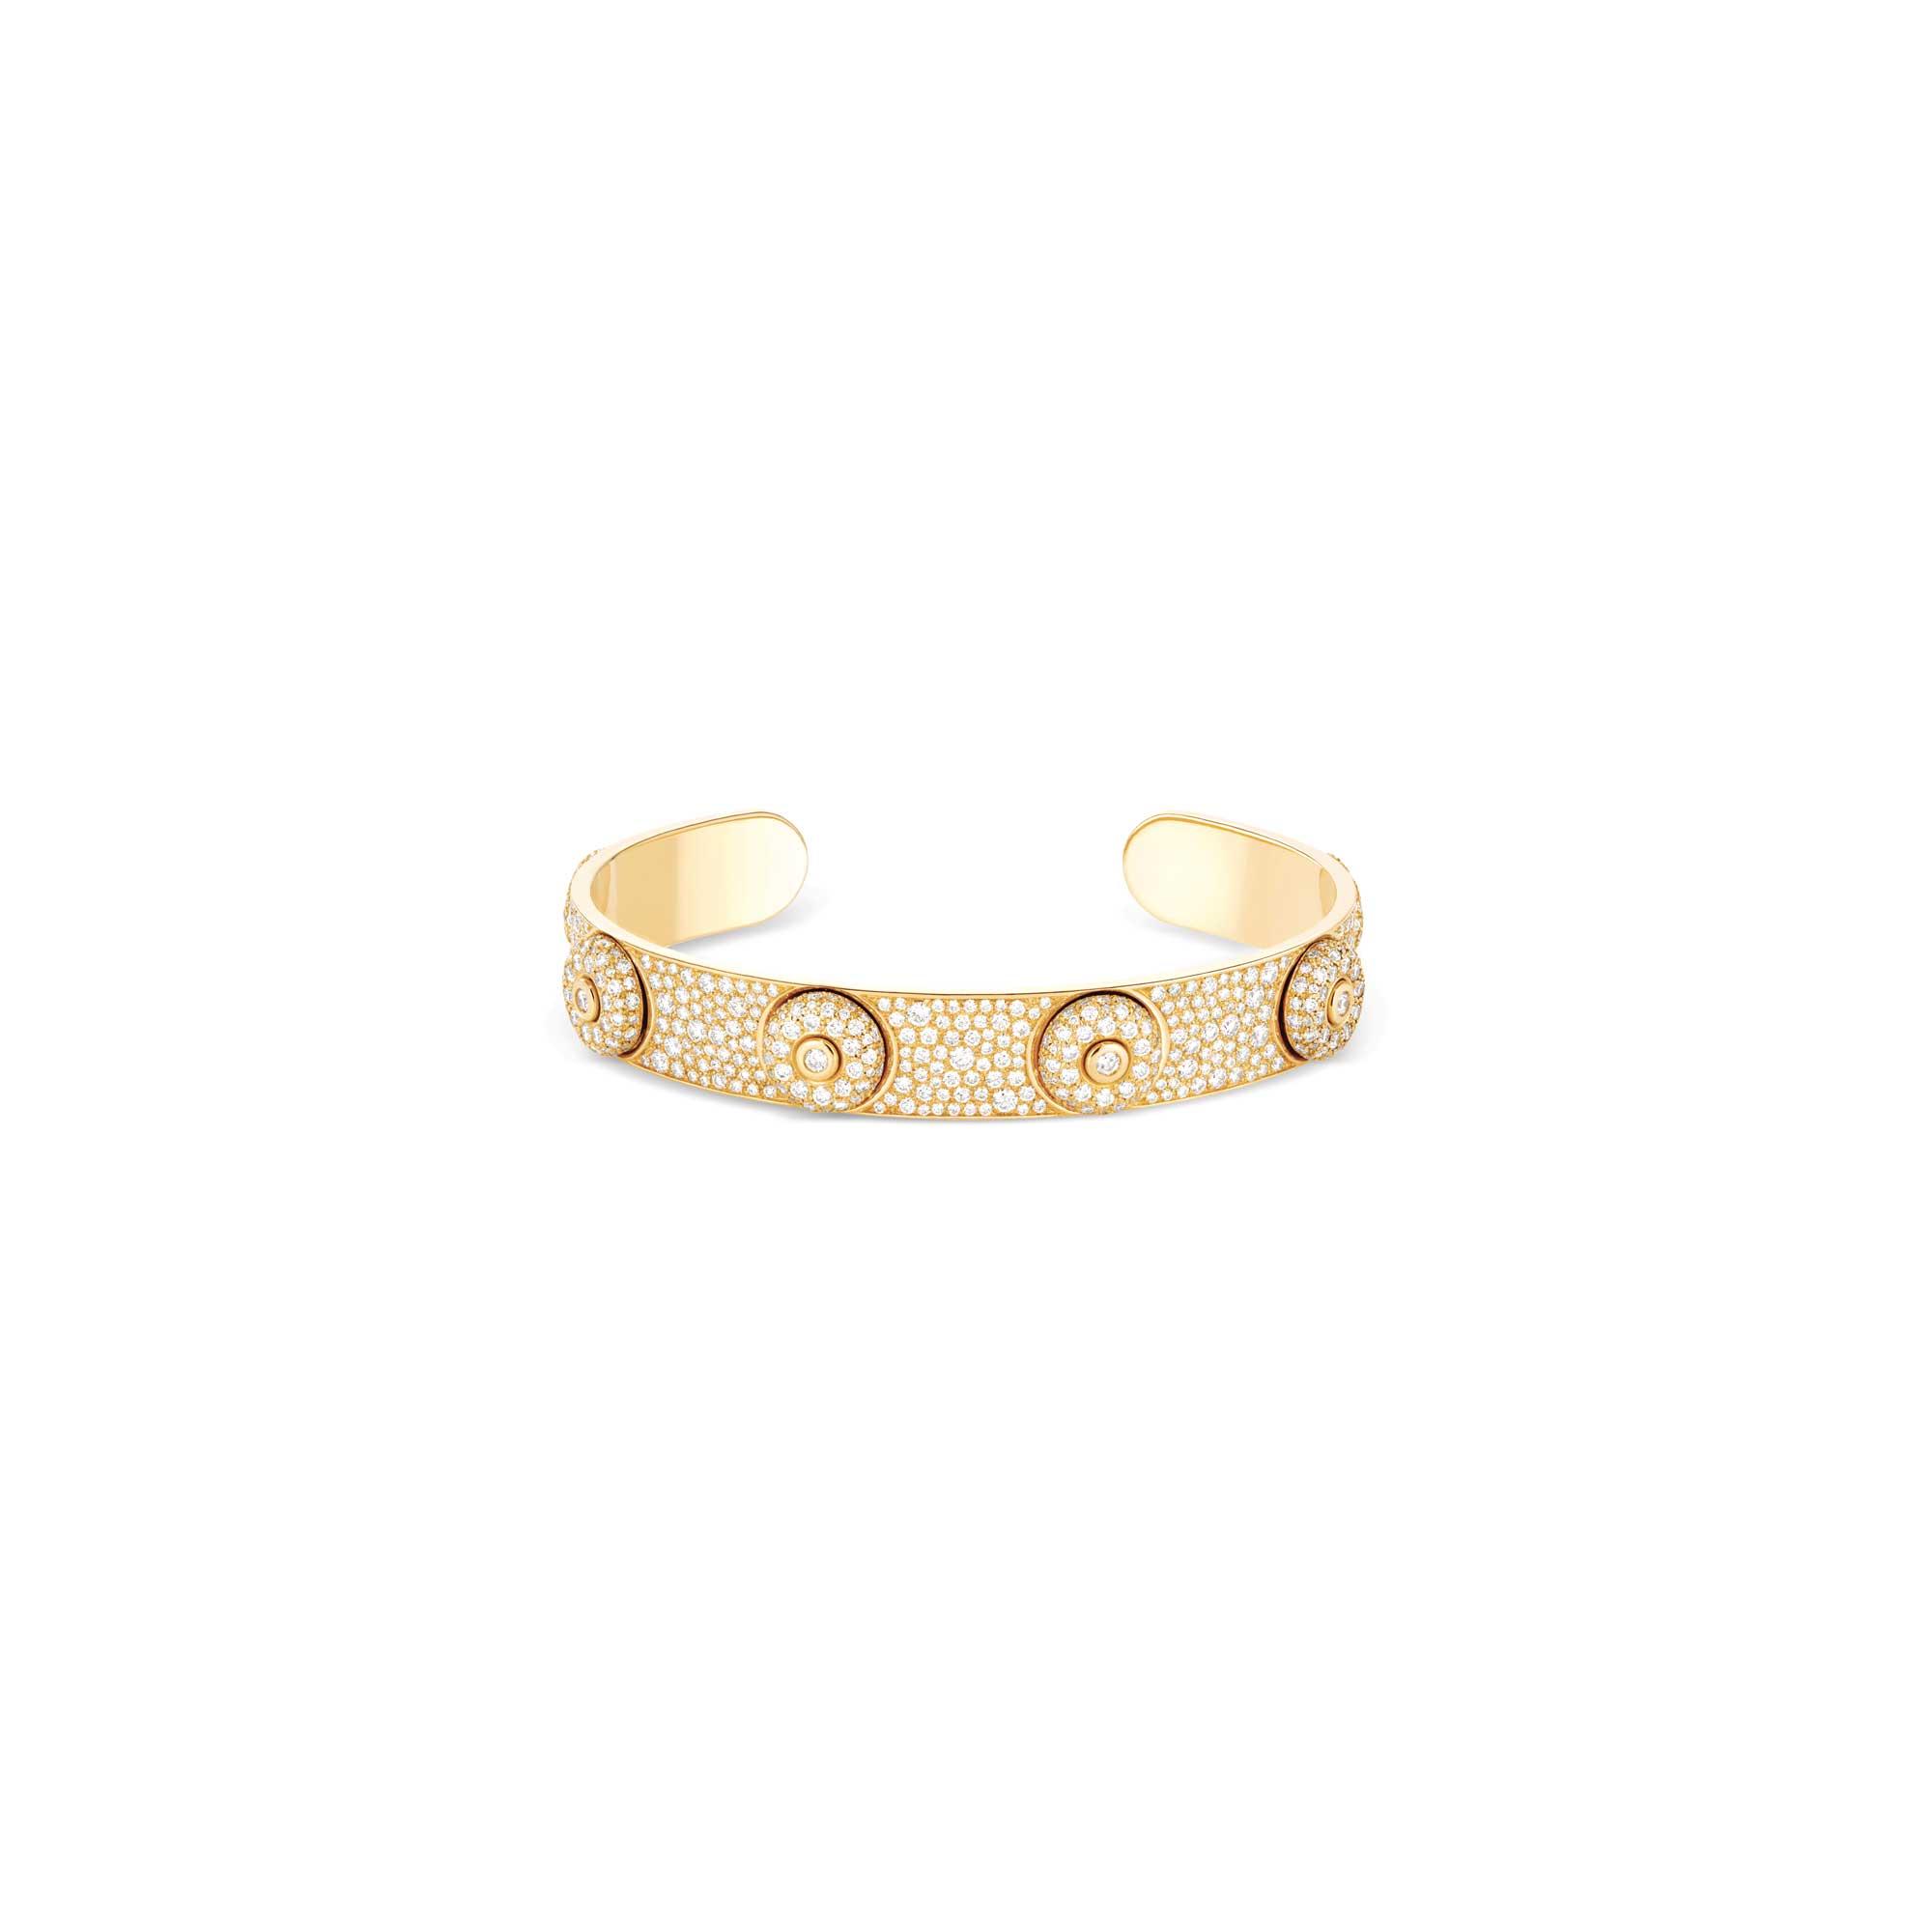 Bracelet jonc or jaune pavage diamants - Joaillerie Canaglia Paris-Milan